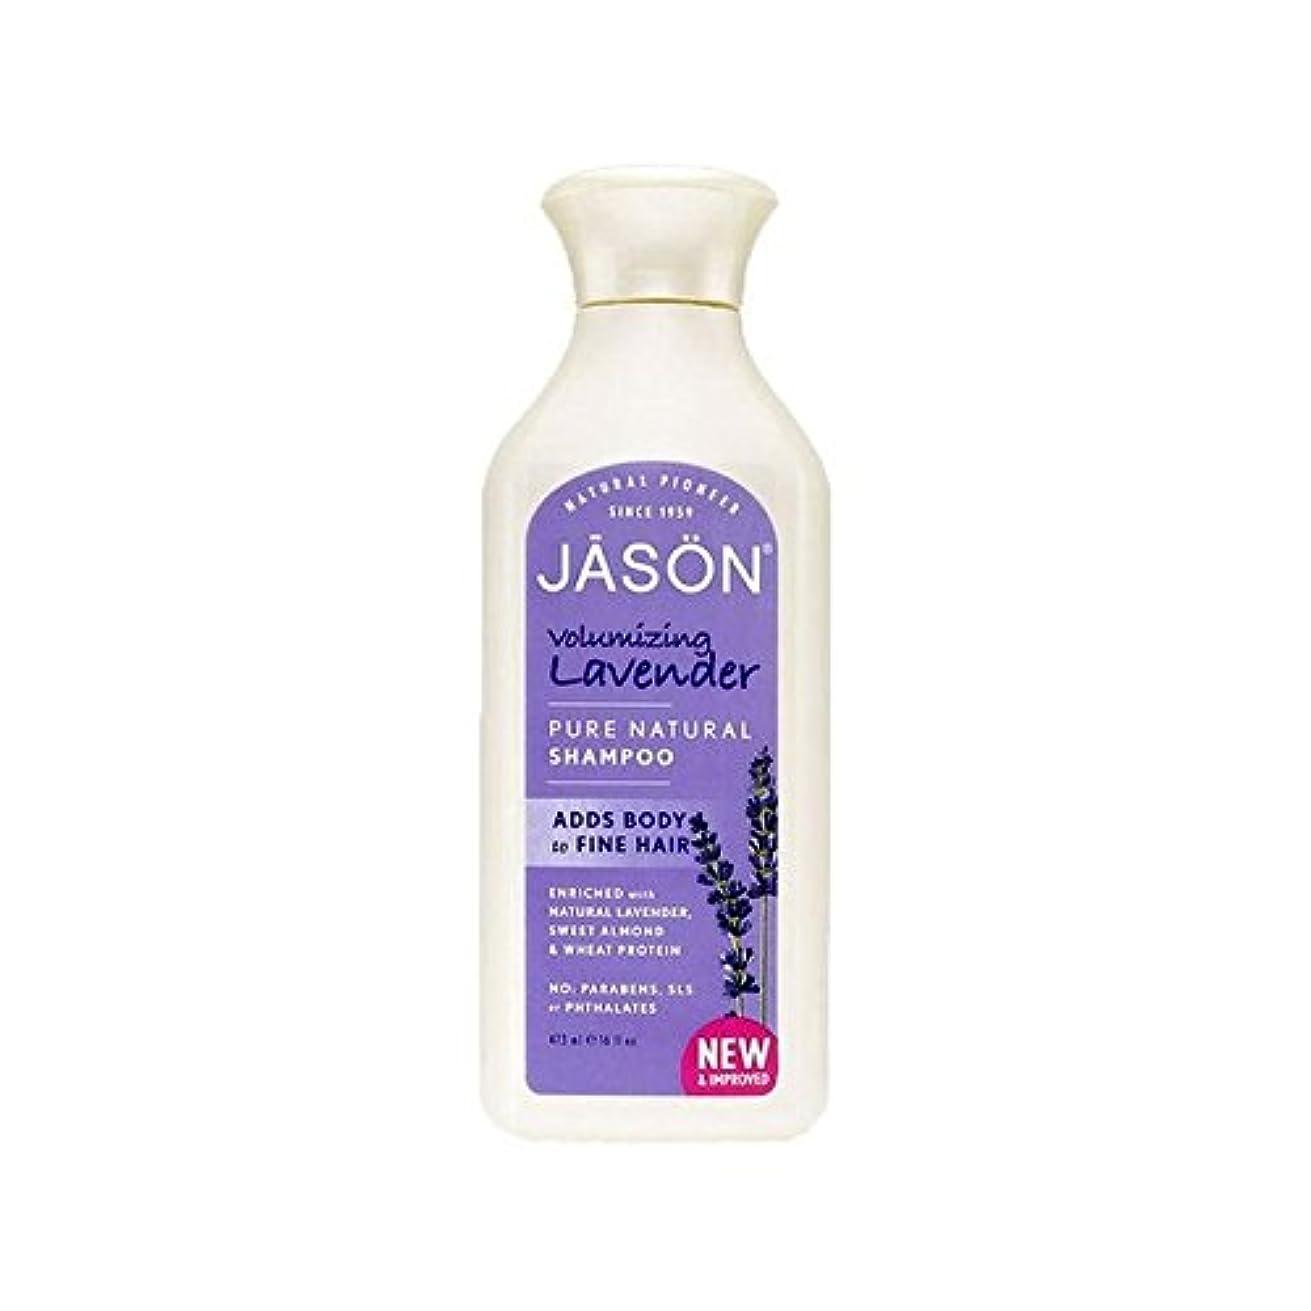 言う航空注ぎますJason Natural Lavender Shampoo (473ml) - ジェイソン自然ラベンダーシャンプー(473ミリリットル) [並行輸入品]